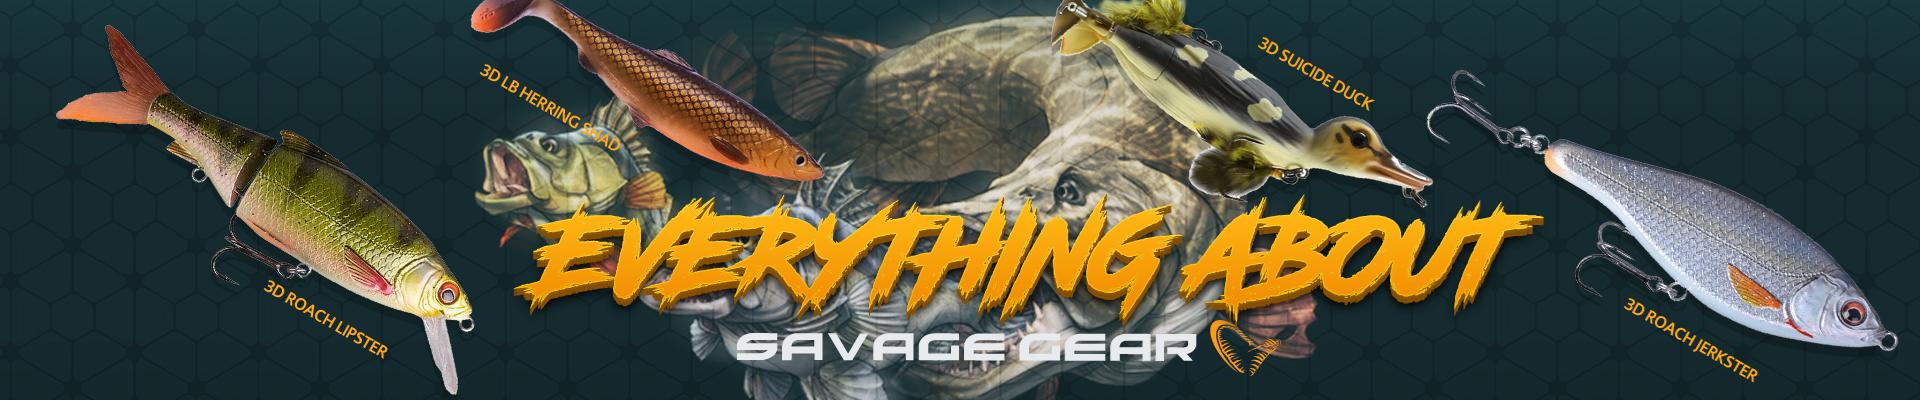 pike fishing, luccio, predatori, pesca a spinning, casting